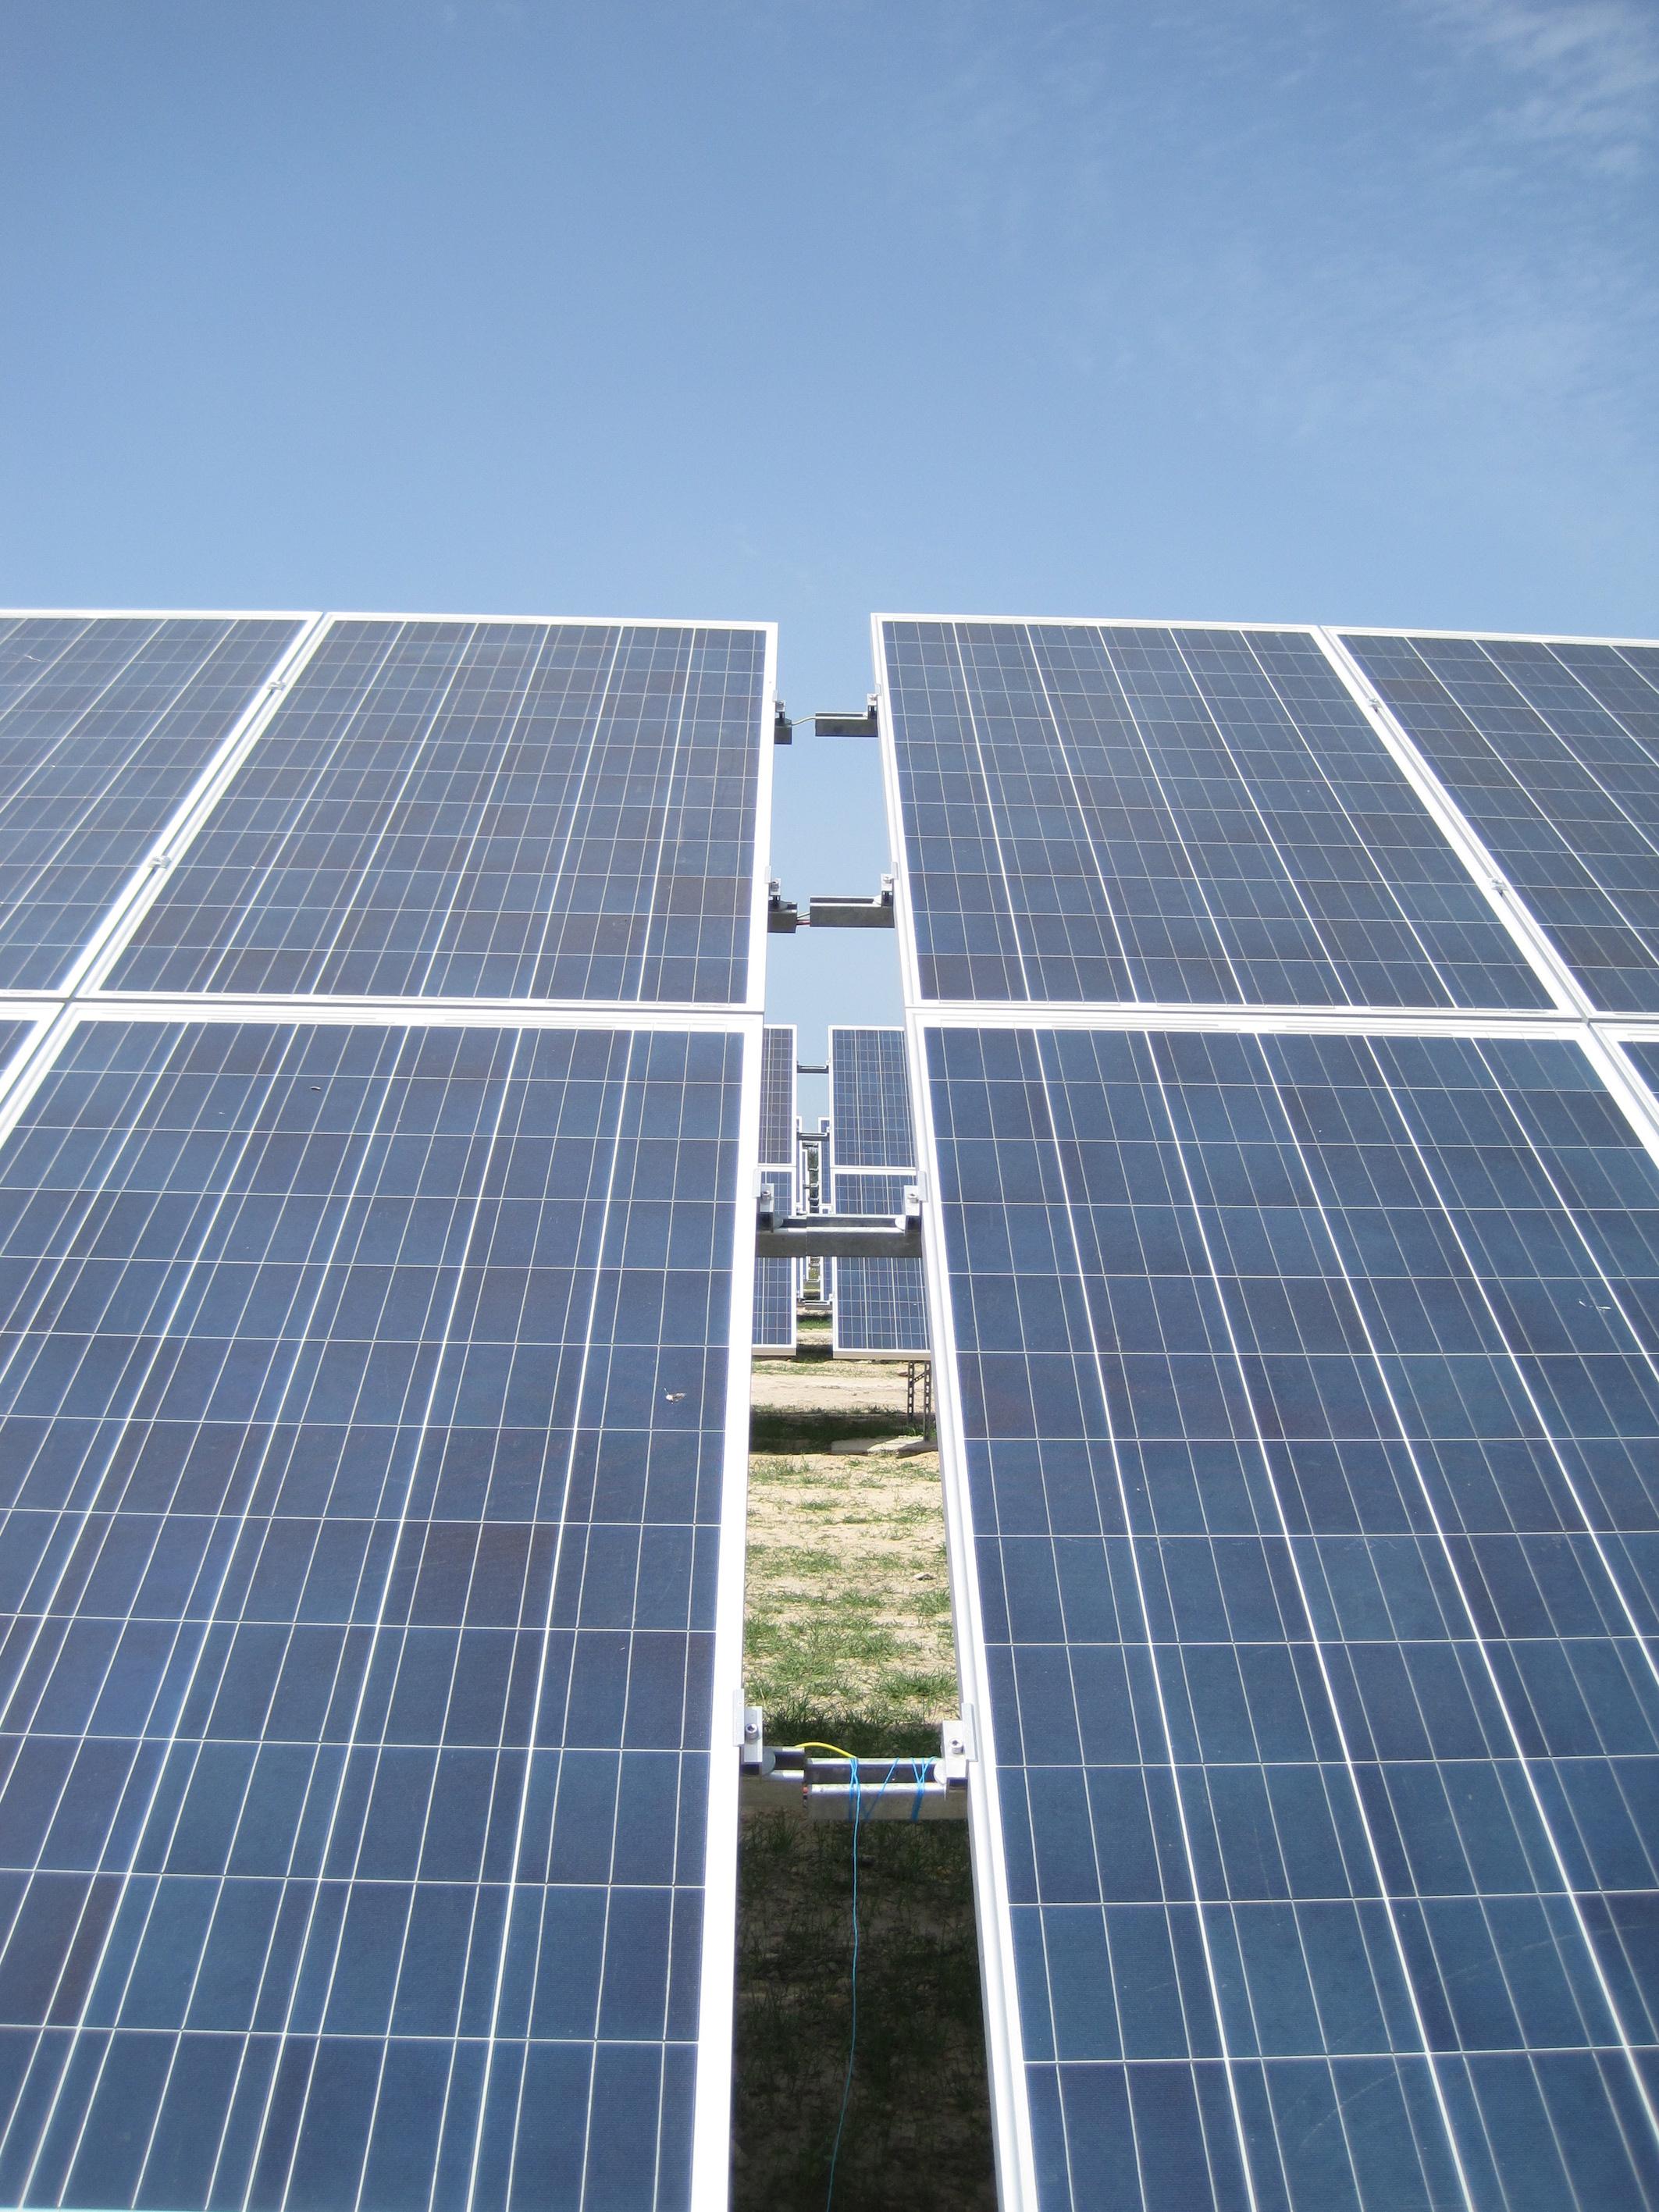 projecto-ikaros-hemera-torriba-paines-solares